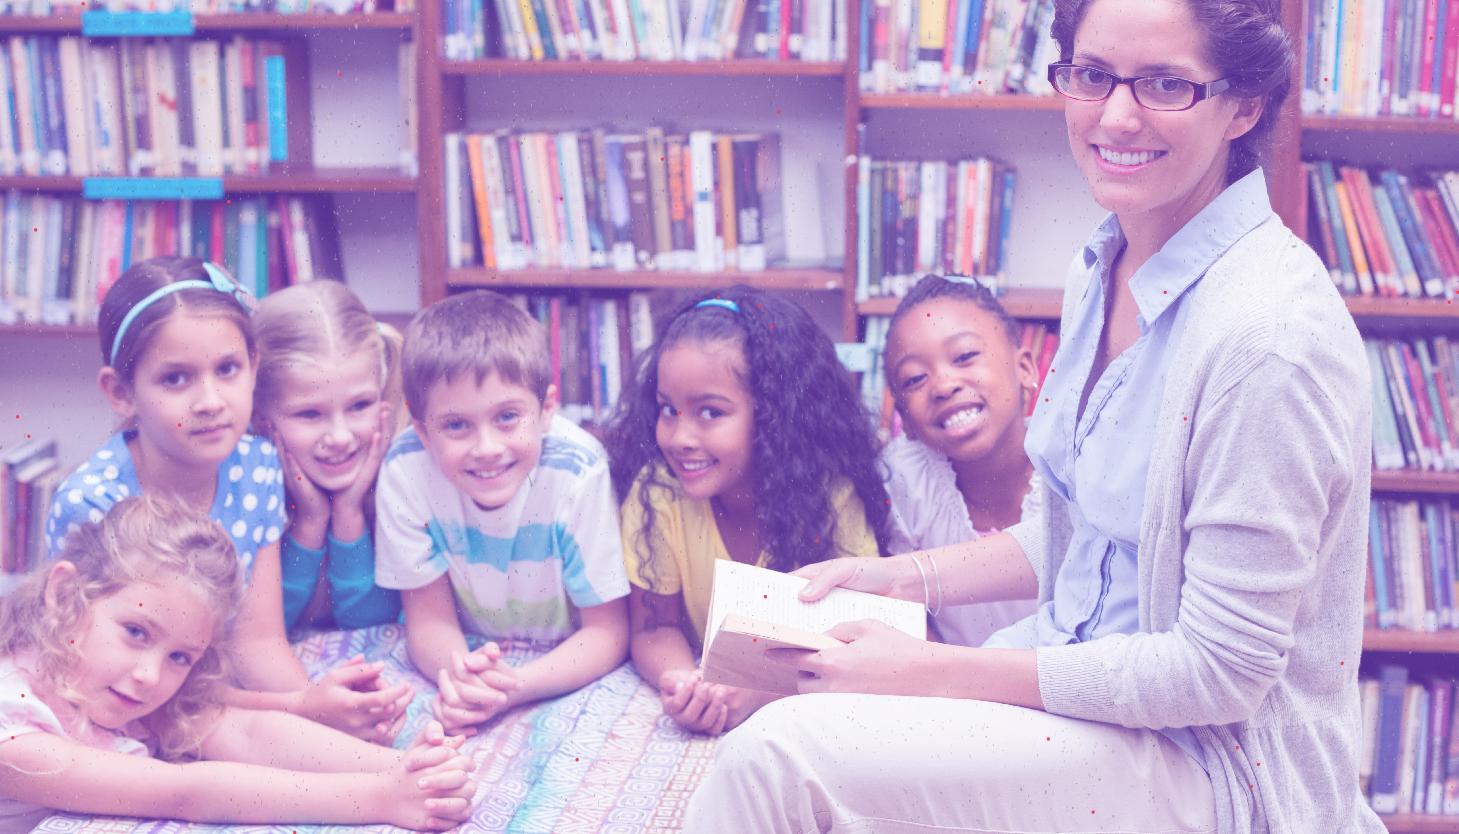 Literatura Infantil: Teoria e Prática em Sala de Aula